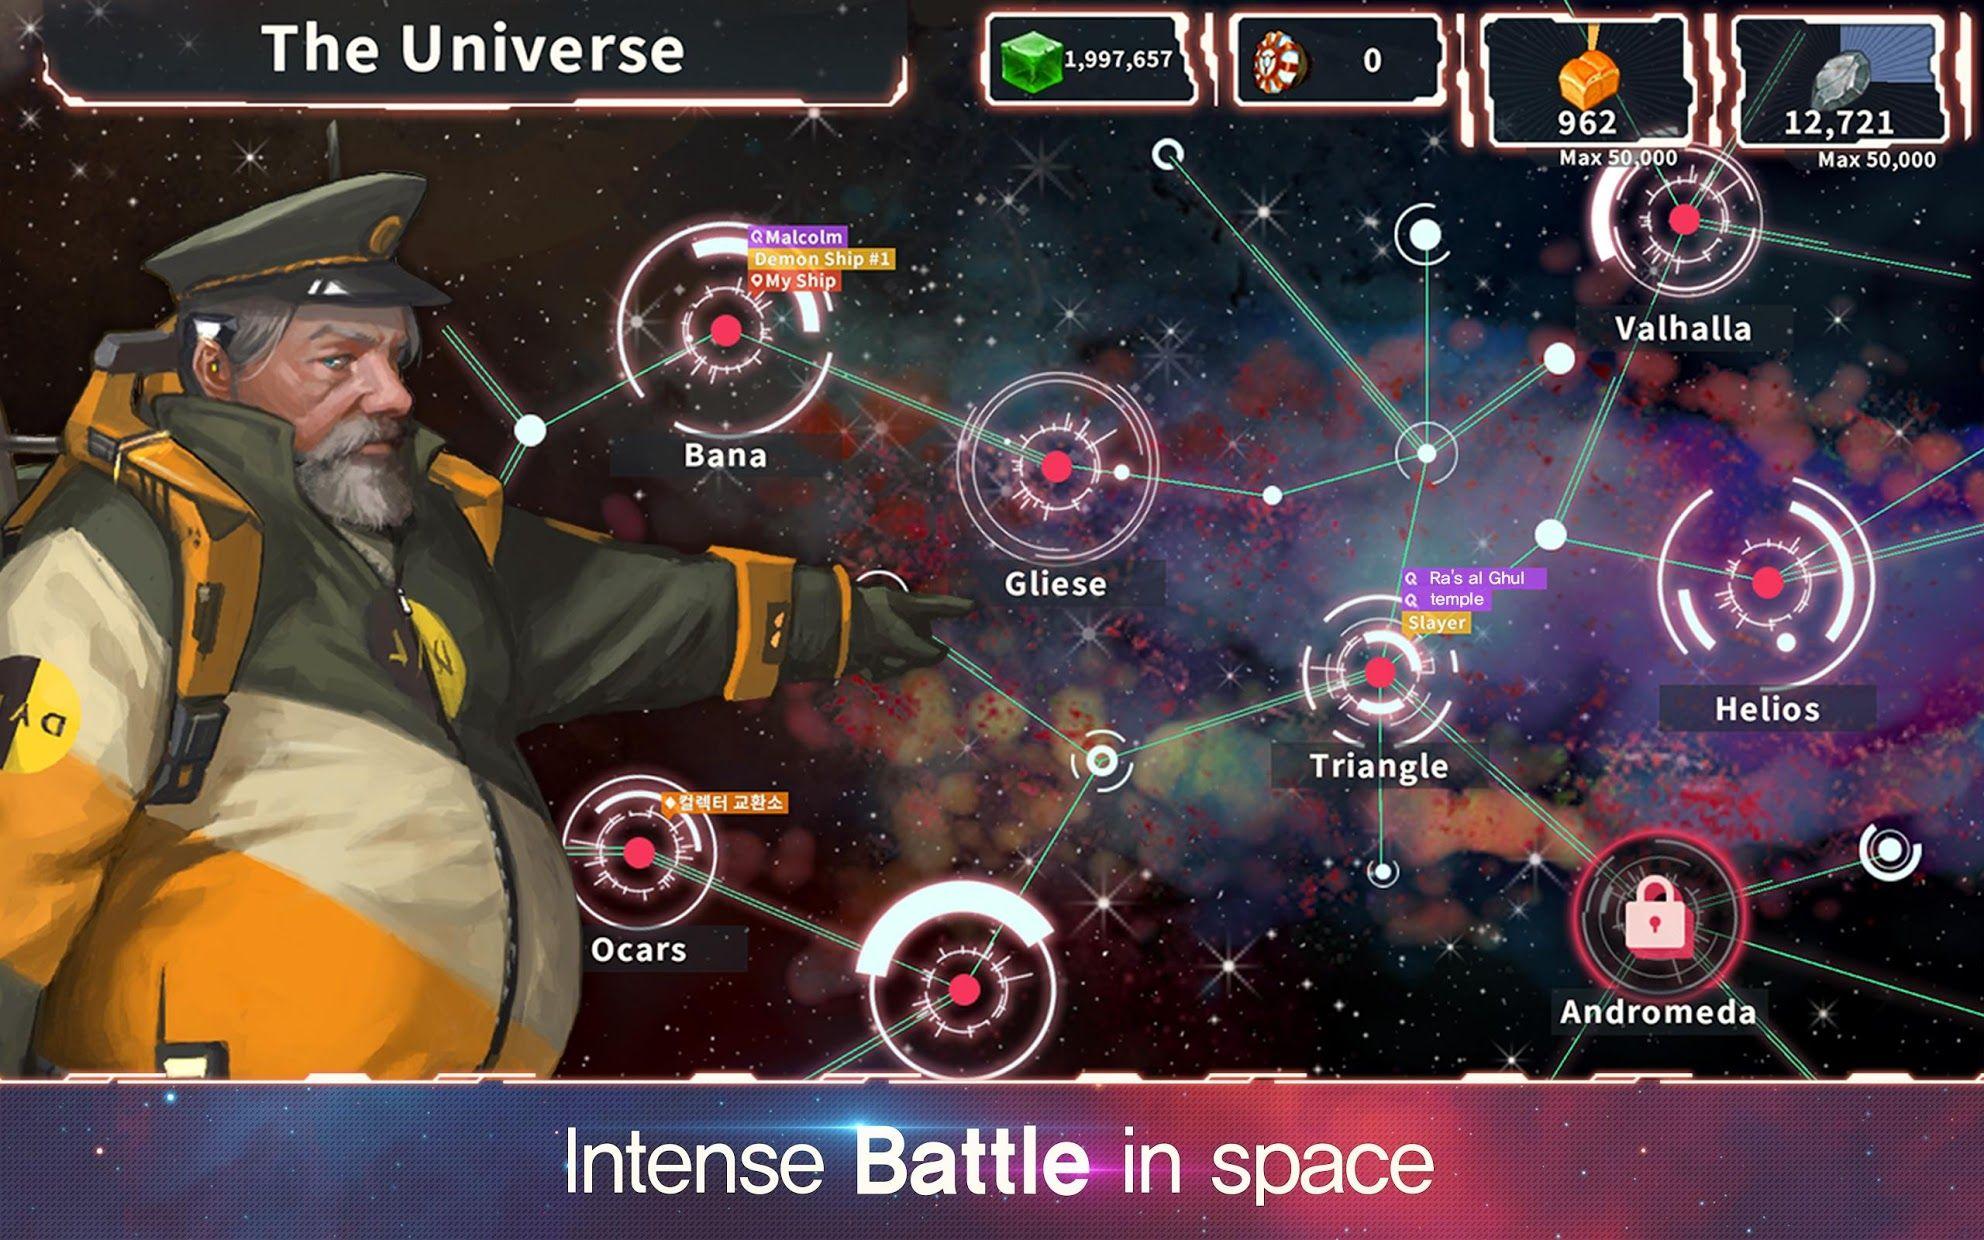 宇宙战争 游戏截图4